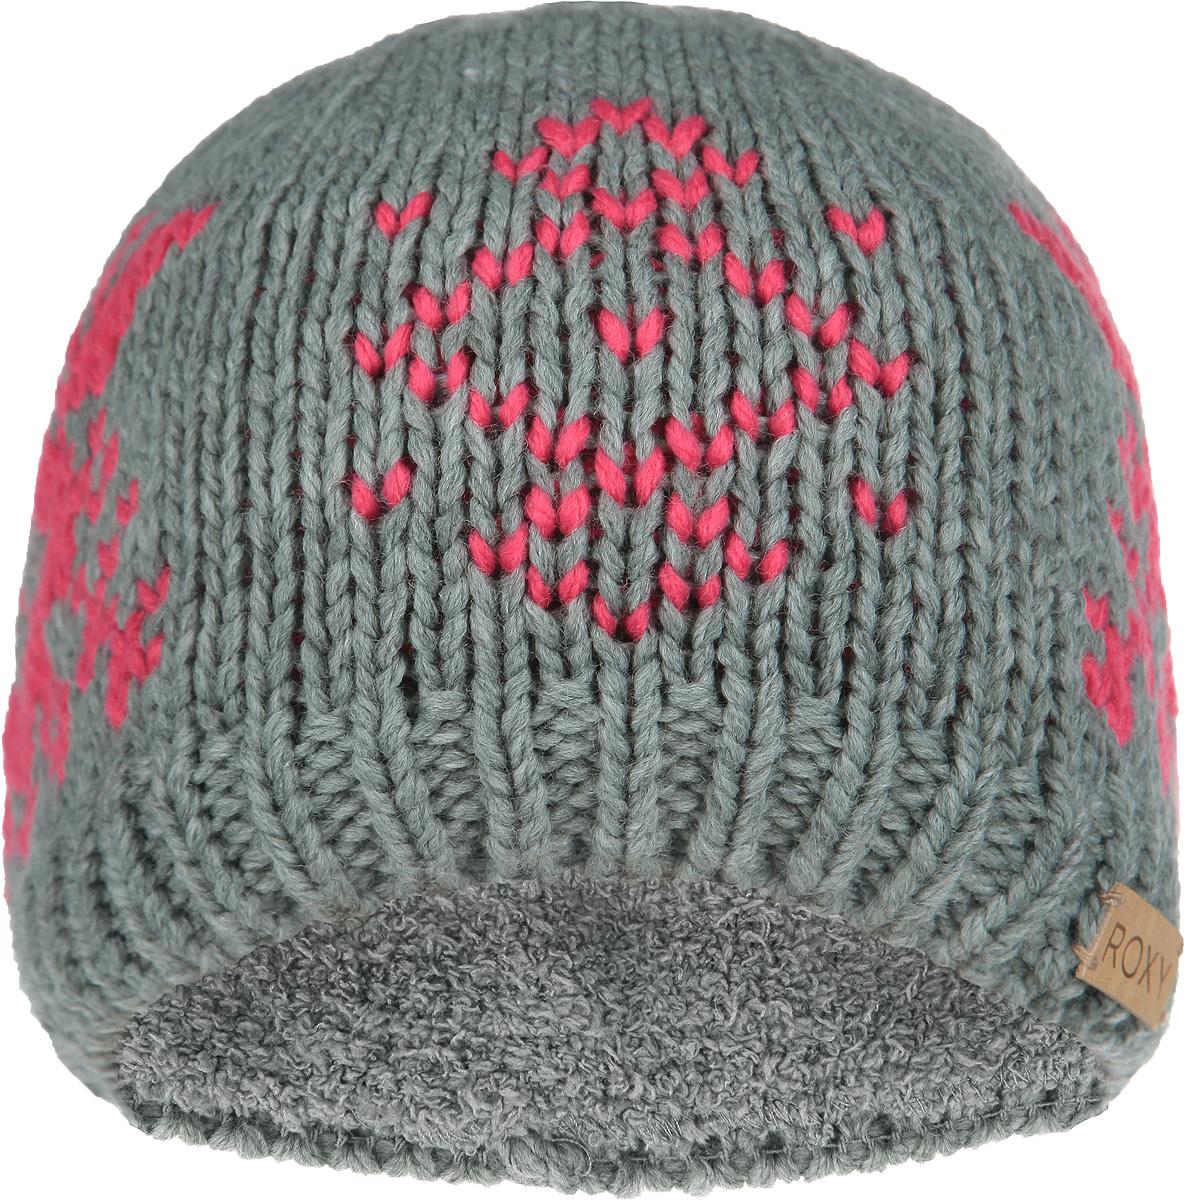 Шапка женская Wisp Beanie. ERJHA030ERJHA03018-BRD0Стильная женская шапка Roxy Wisp Beanie отлично дополнит ваш образ в холодную погоду. Эта стильная и износостойкая акриловая шапка невероятно легкая и мягкая, с внутренней подкладкой-полоской с ворсом для дополнительного утепления наиболее чувствительных участков. Модель оформлена орнаментом и нашивной кожаной полоской с логотипом бренда. Понизу шапка связана резинкой. Привлекательная стильная шапка Roxy Wisp Beanie подчеркнет ваш неповторимый стиль и индивидуальность.